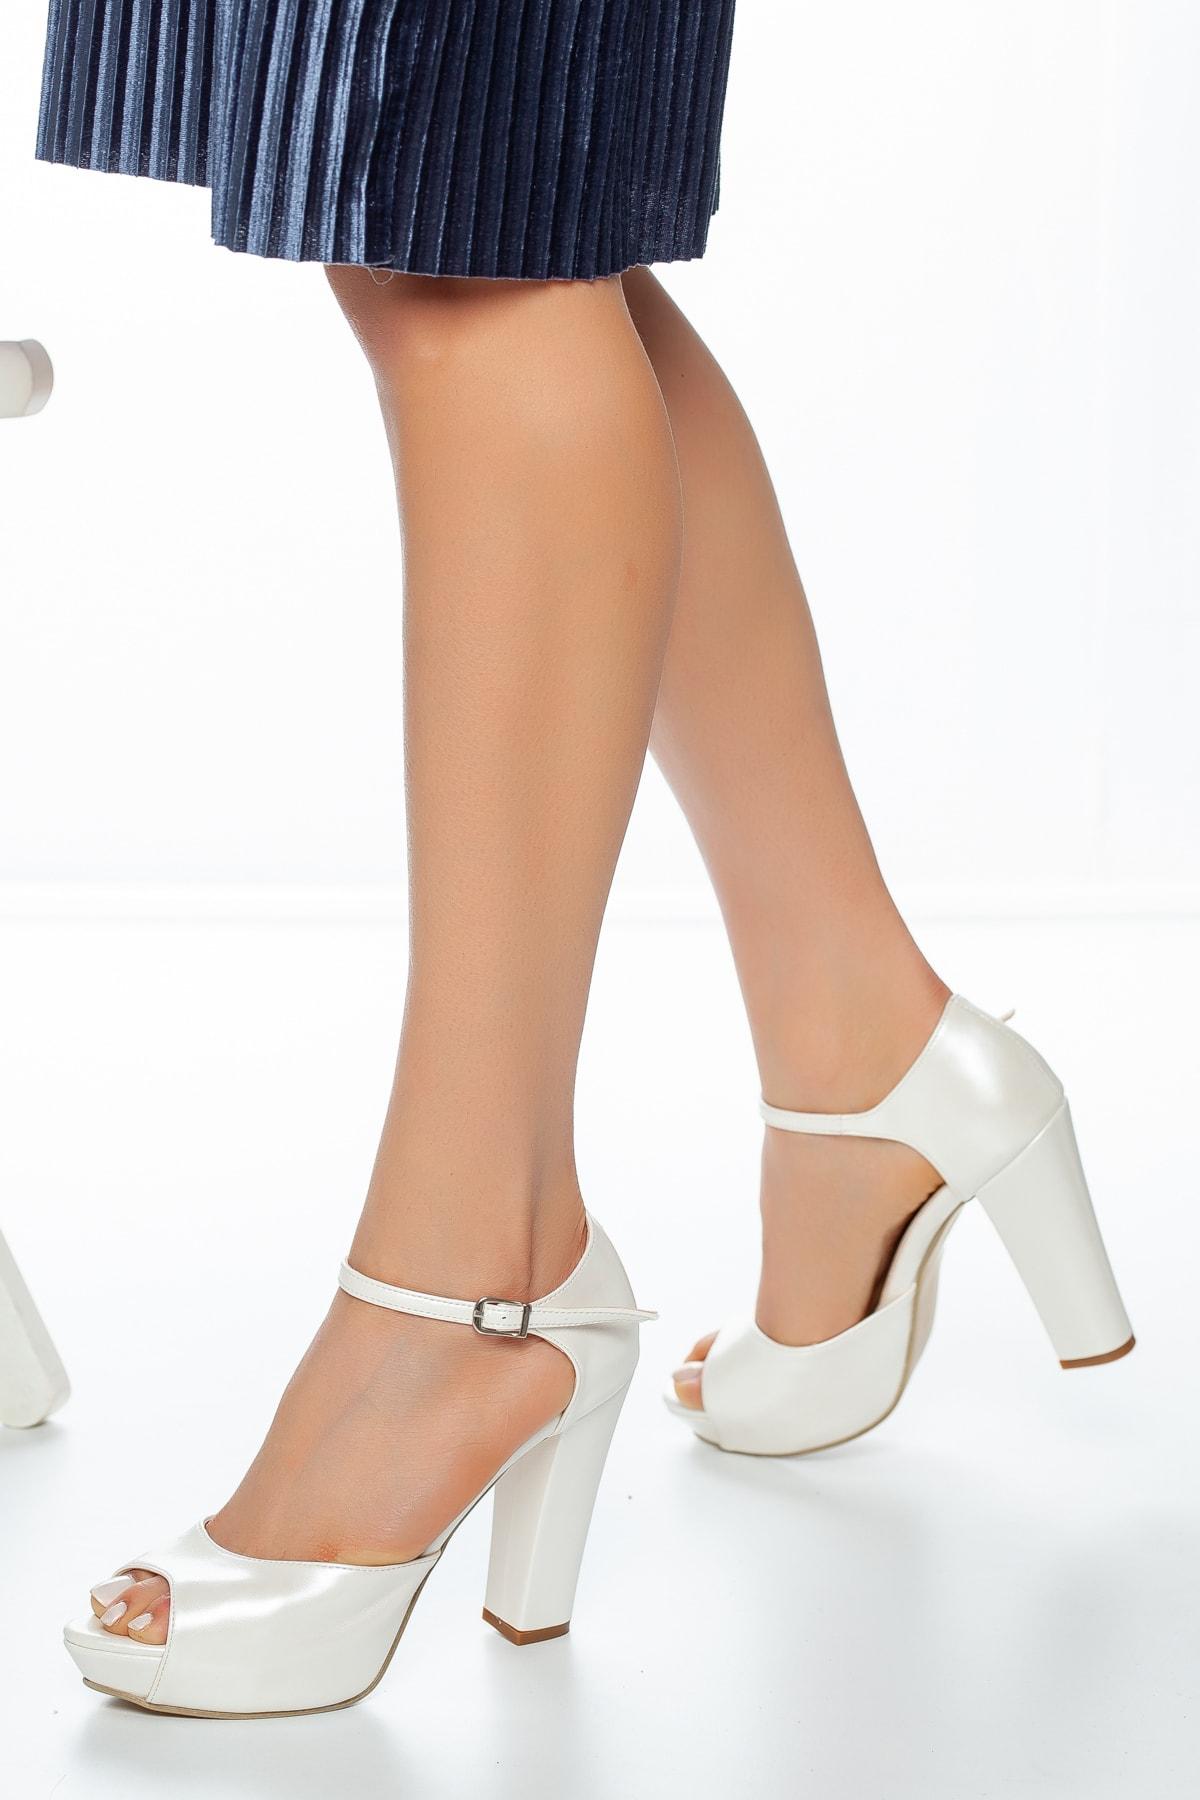 Hayat ayakkabı Sedef Cilt Kadın Topuklu Abiye Gelinlik Ayakkabı